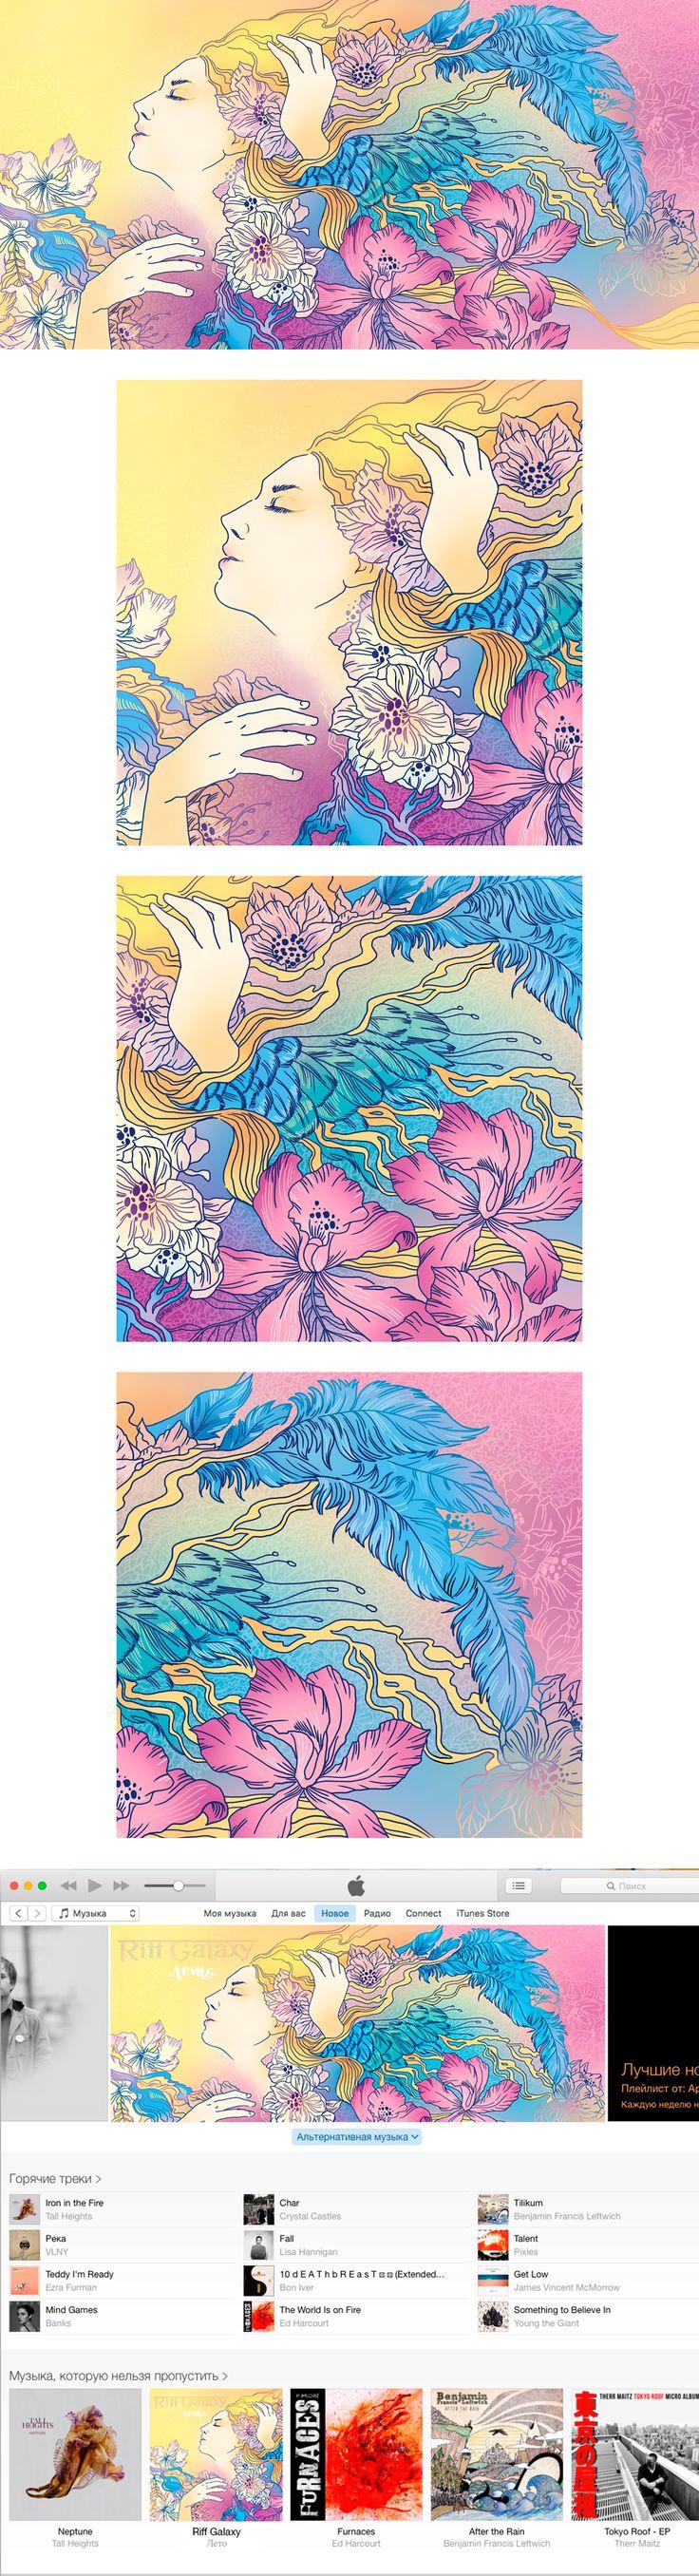 Illustrations fon music album cover